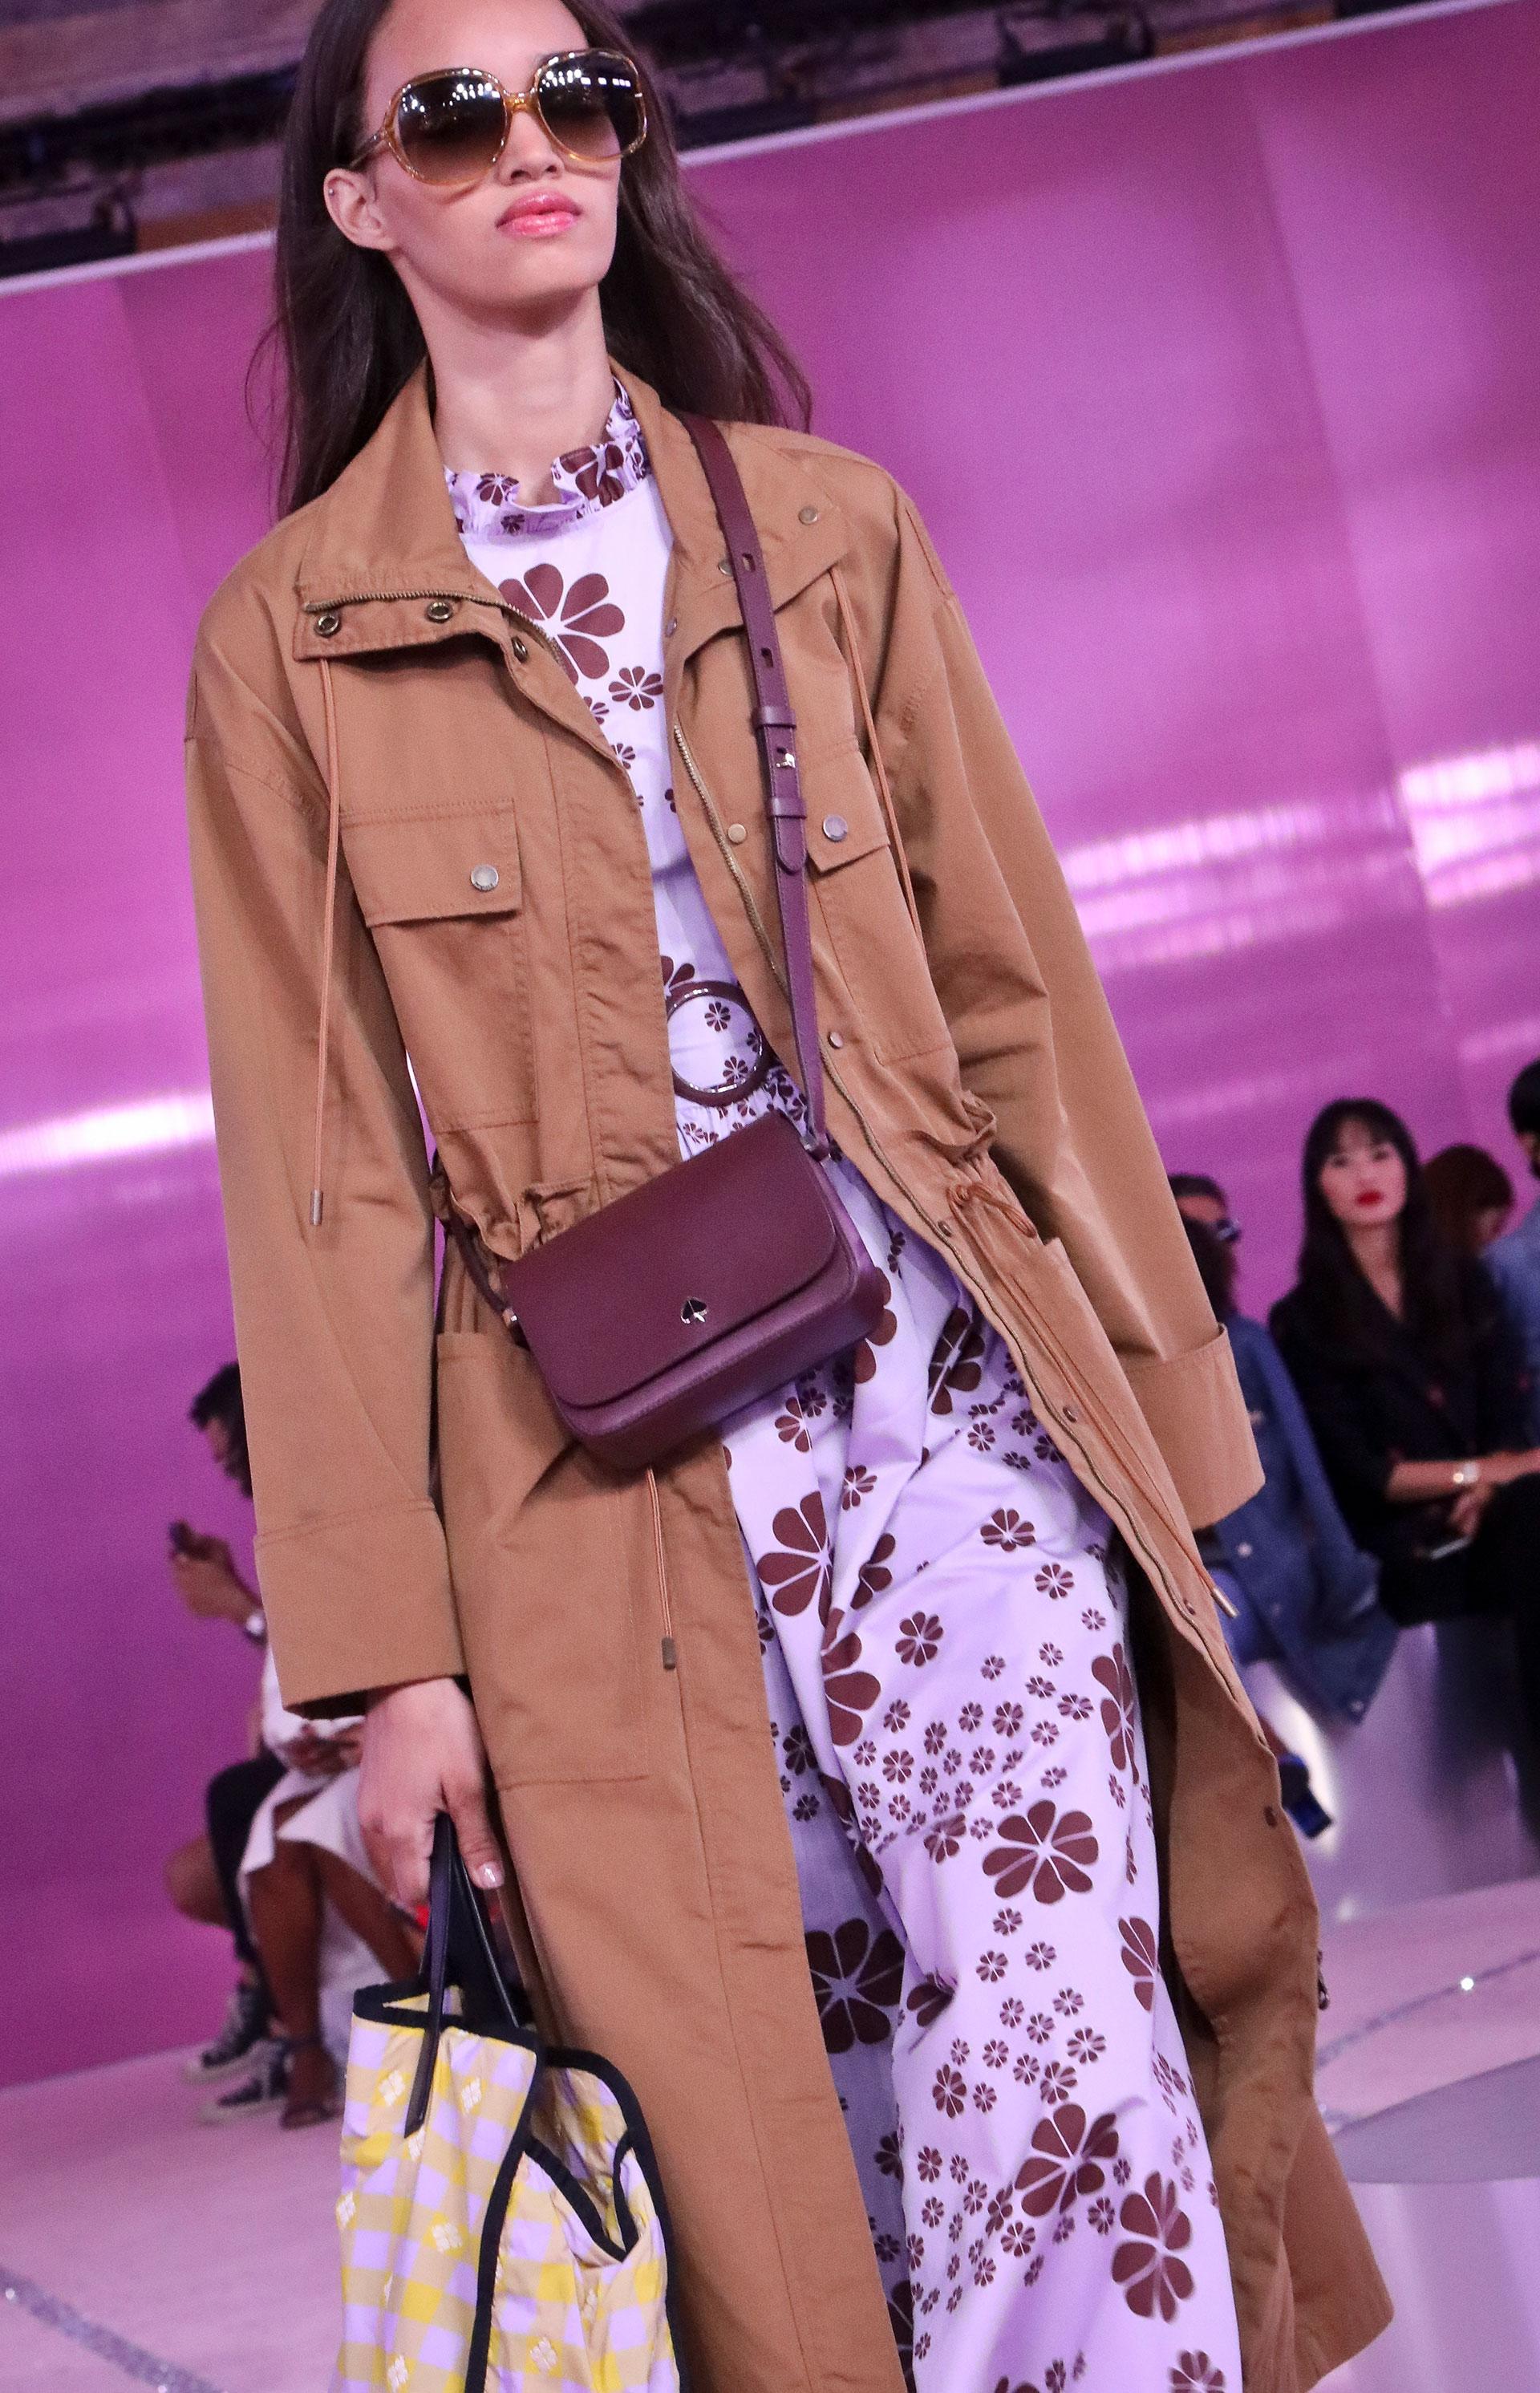 En la colección no faltaron las carteras, bolsos y la línea de anteojos que cuenta la marca neoyorkina. Lila y marrón, una combinación power para el verano.